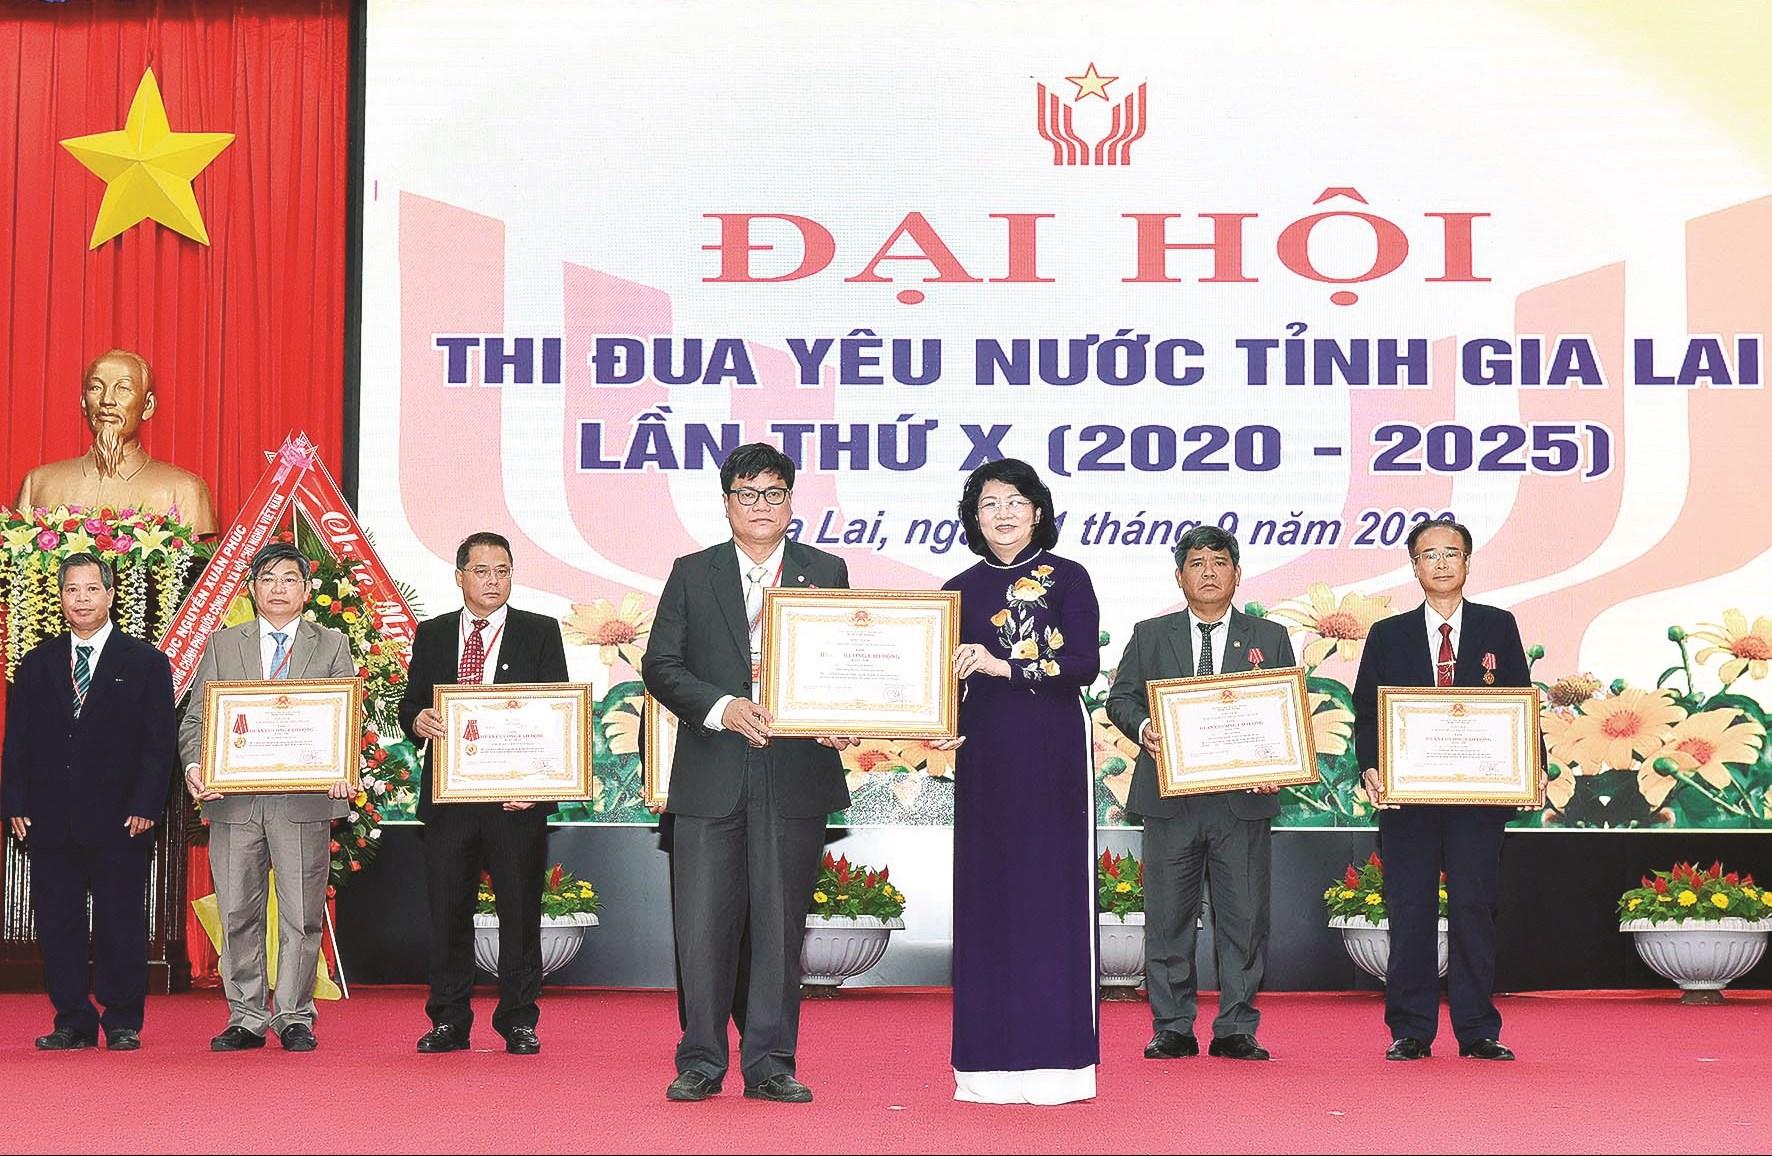 Phó Chủ tịch nước Đặng Thị Ngọc Thịnh trao Huân chương Lao động hạng Ba cho các cá nhân có thành tích xuất sắc trong phong trào thi đua yêu nước giai đoạn 2015 - 2020